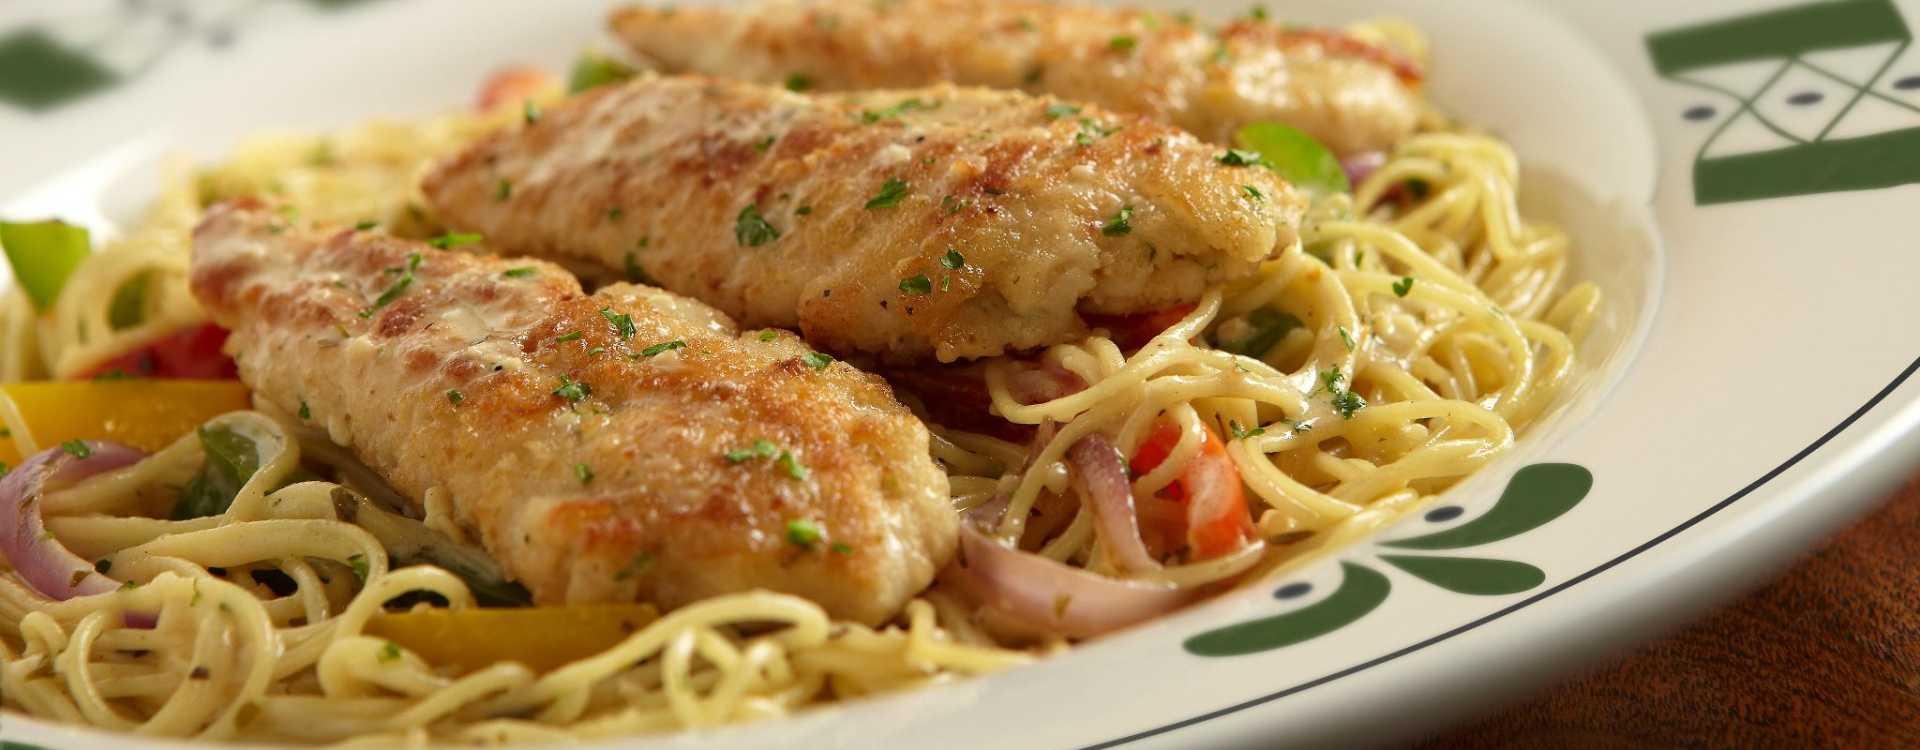 Olive_Garden_Italian_Restaurant-10.jpg